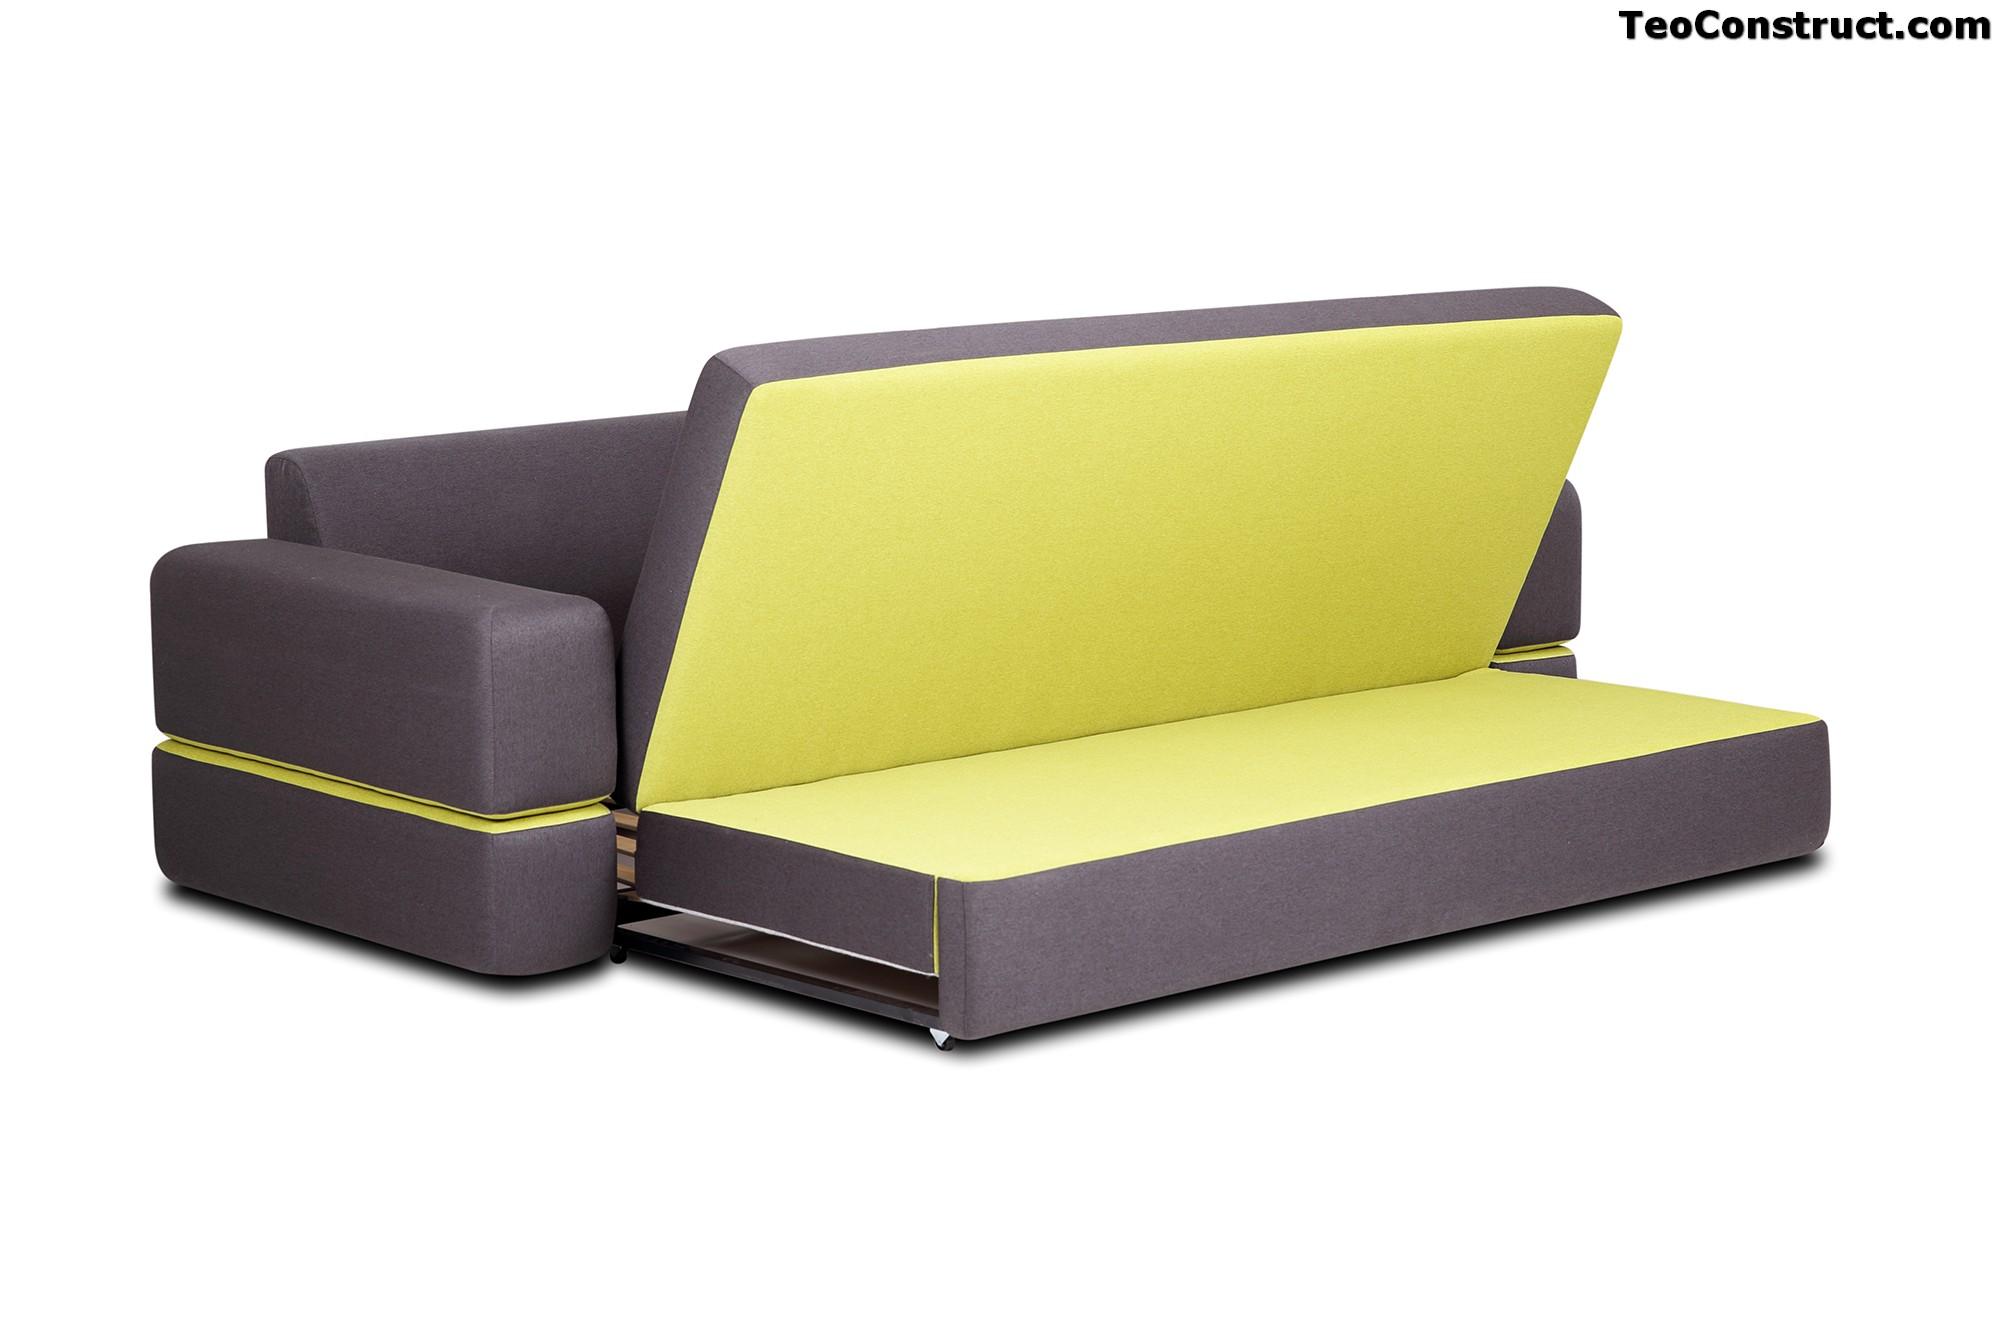 Canapea Open de calitate superioare07